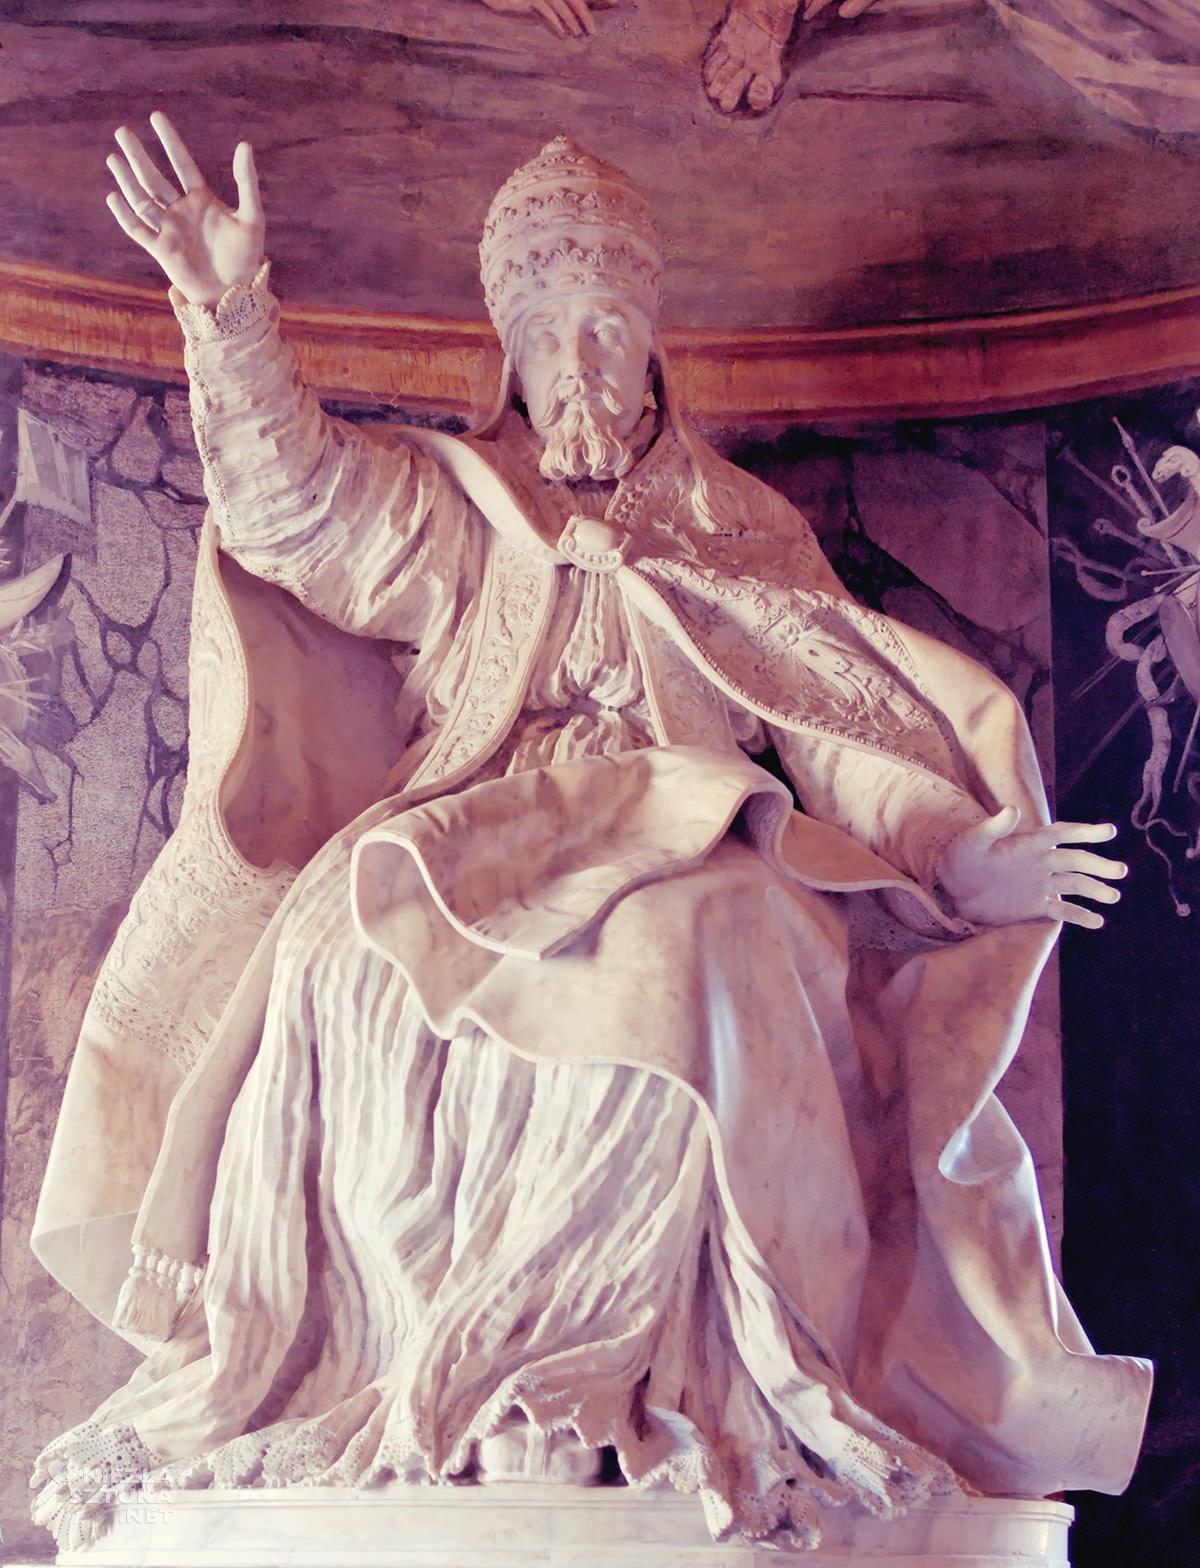 Gian Lorenzo Bernini, papież Urban VIII, sztuka włoska, rzeźba, Rzym, przewodnik po Rzymie, sztuka w Rzymie, Muzea Kapitolińskie, Niezła sztuka